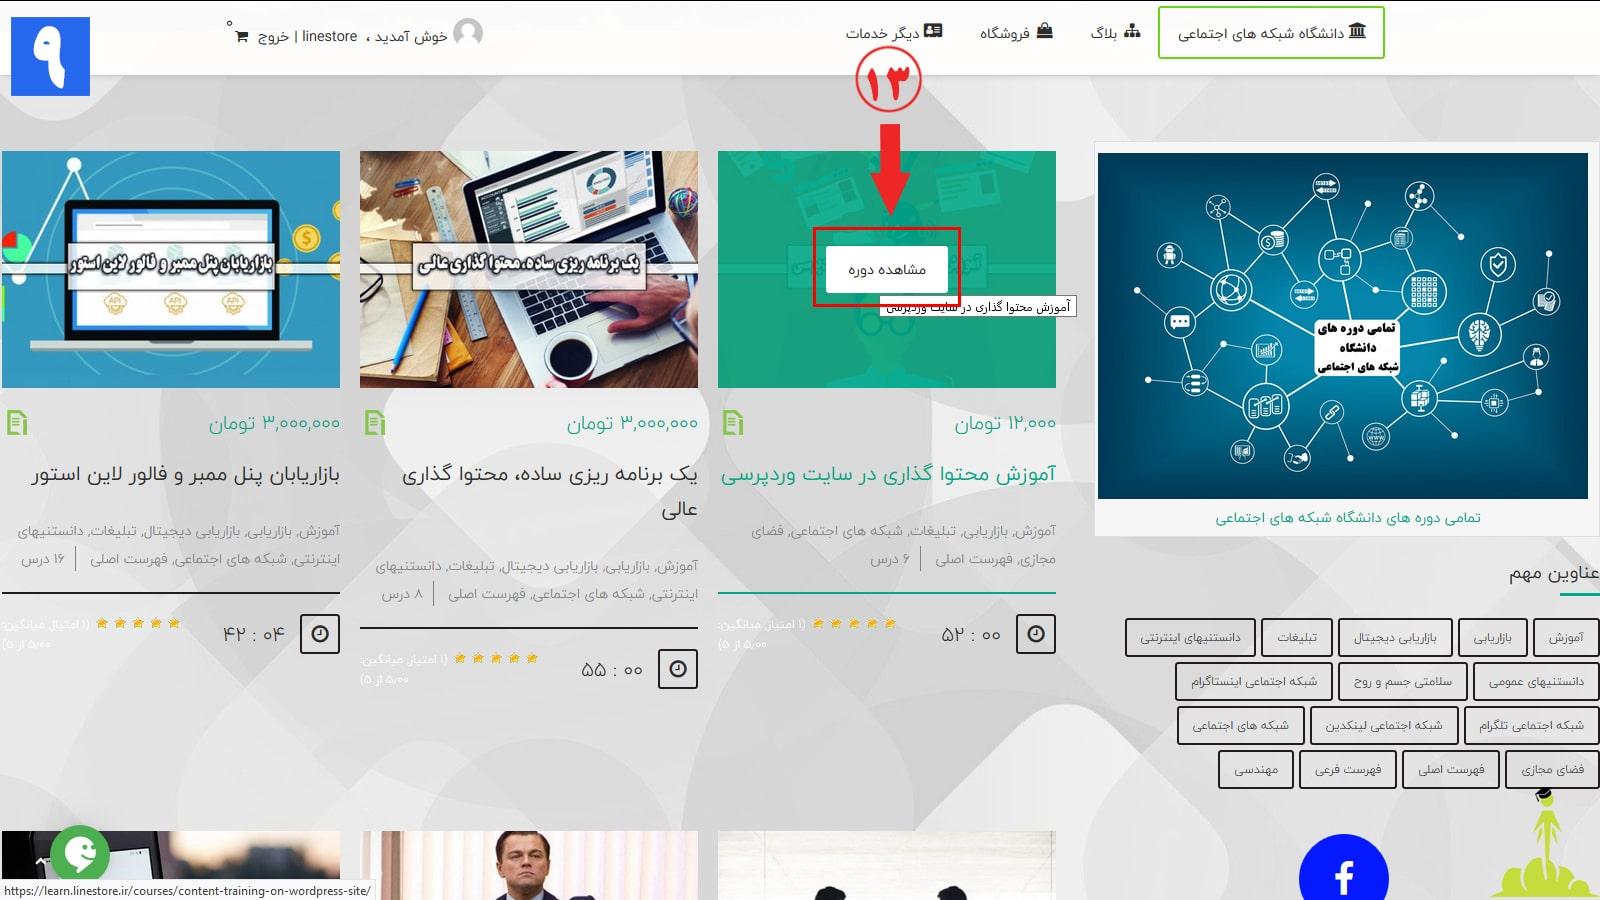 ثبت نام در سایت دانشگاه شبکه های اجتماعی